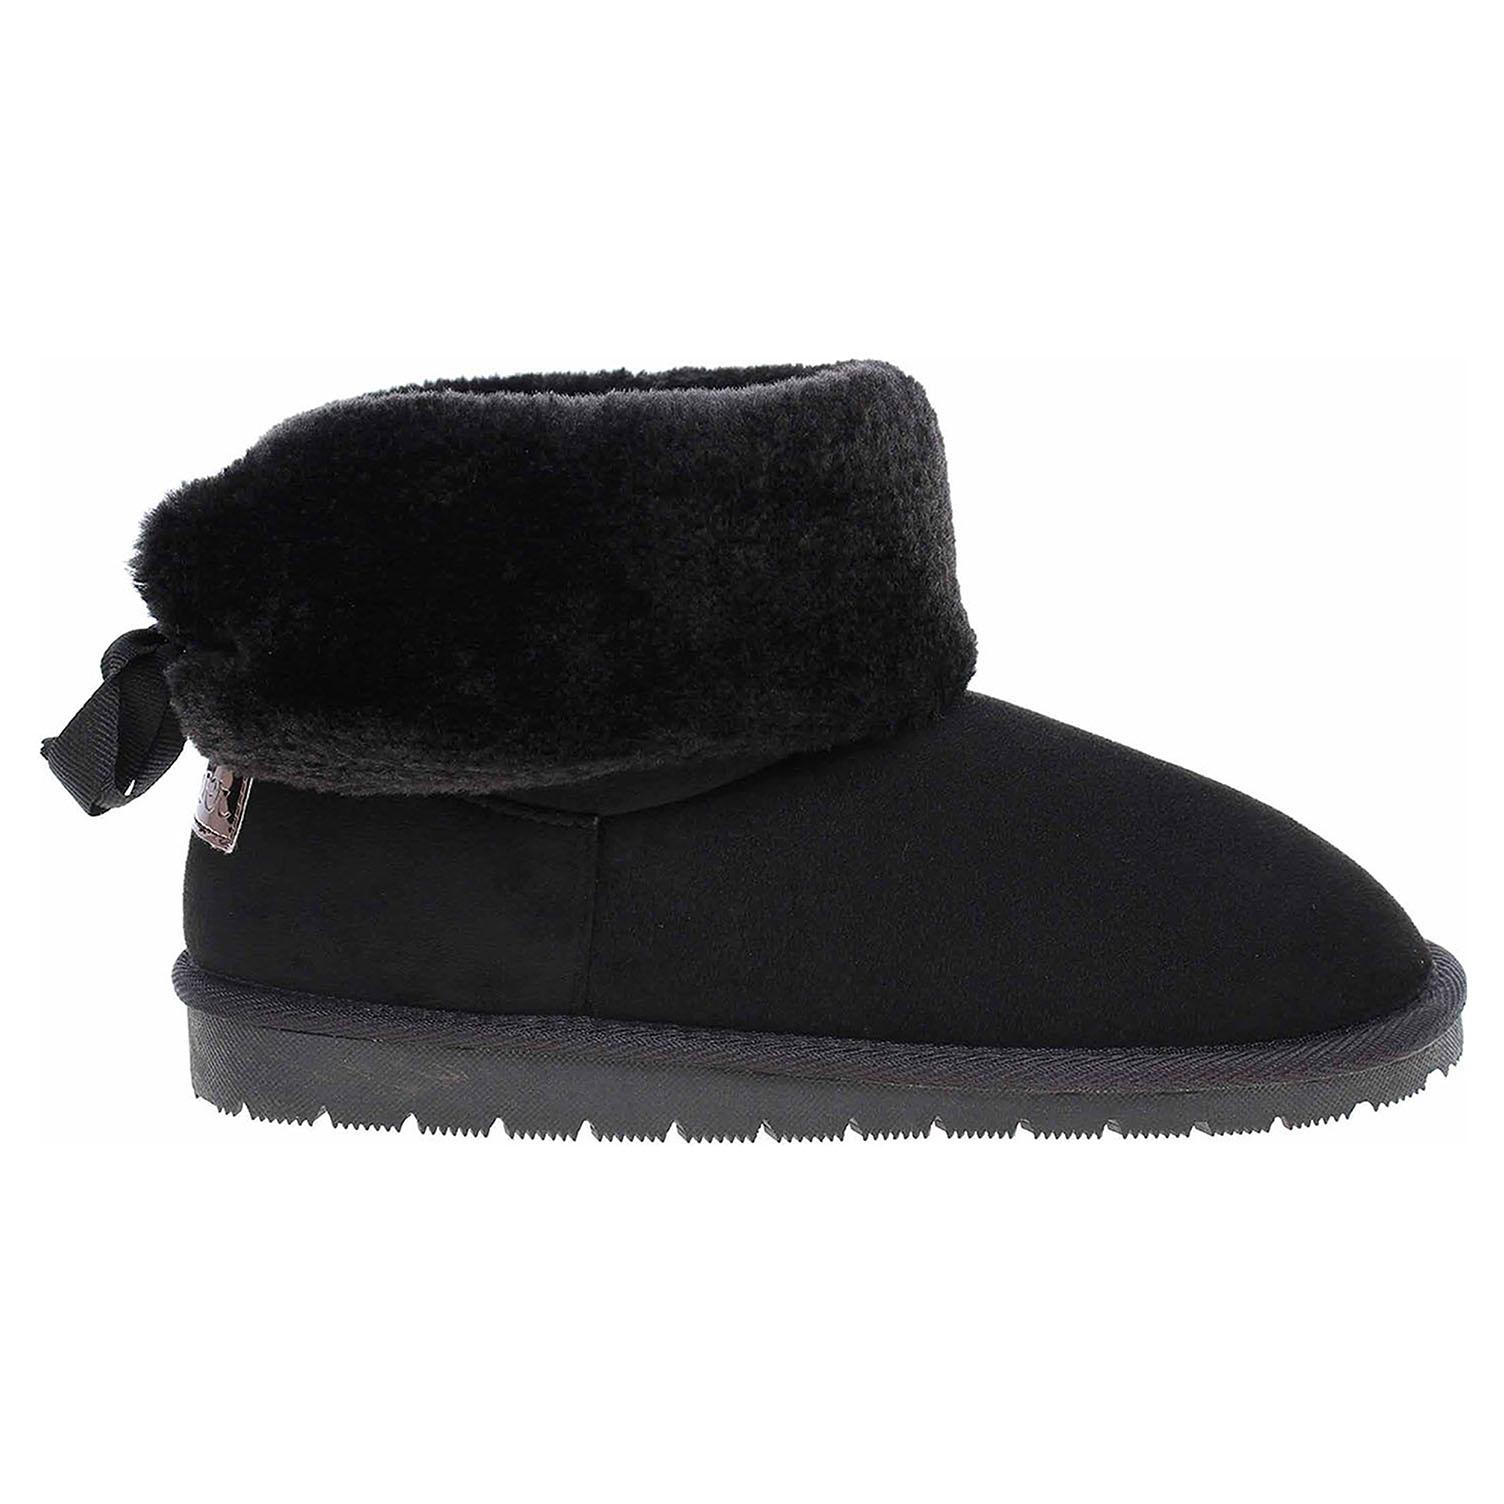 s.Oliver dámská obuv 5-26476-21 black 5-5-26476-21 001 42